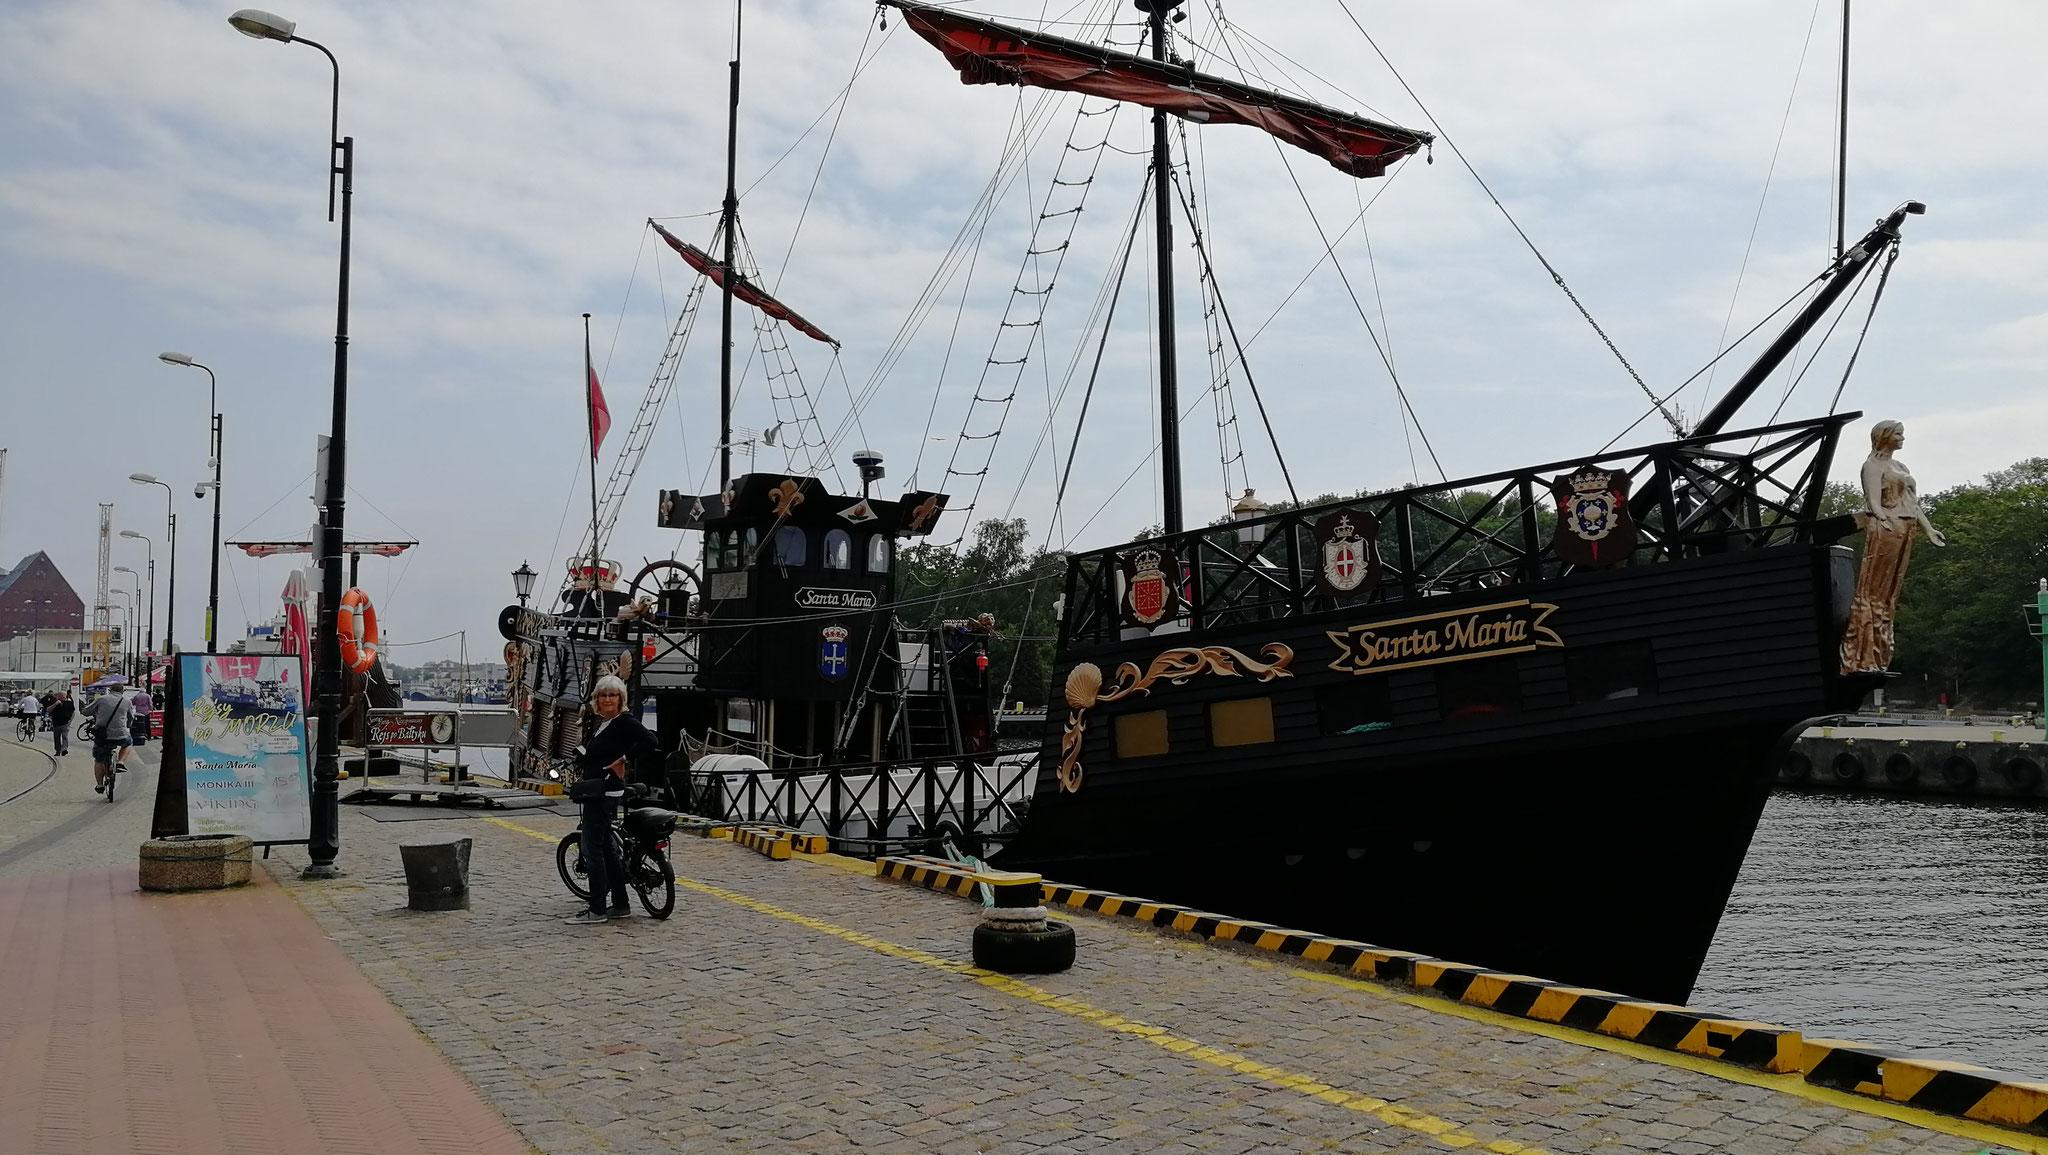 Piratenschiffe gibt es überall